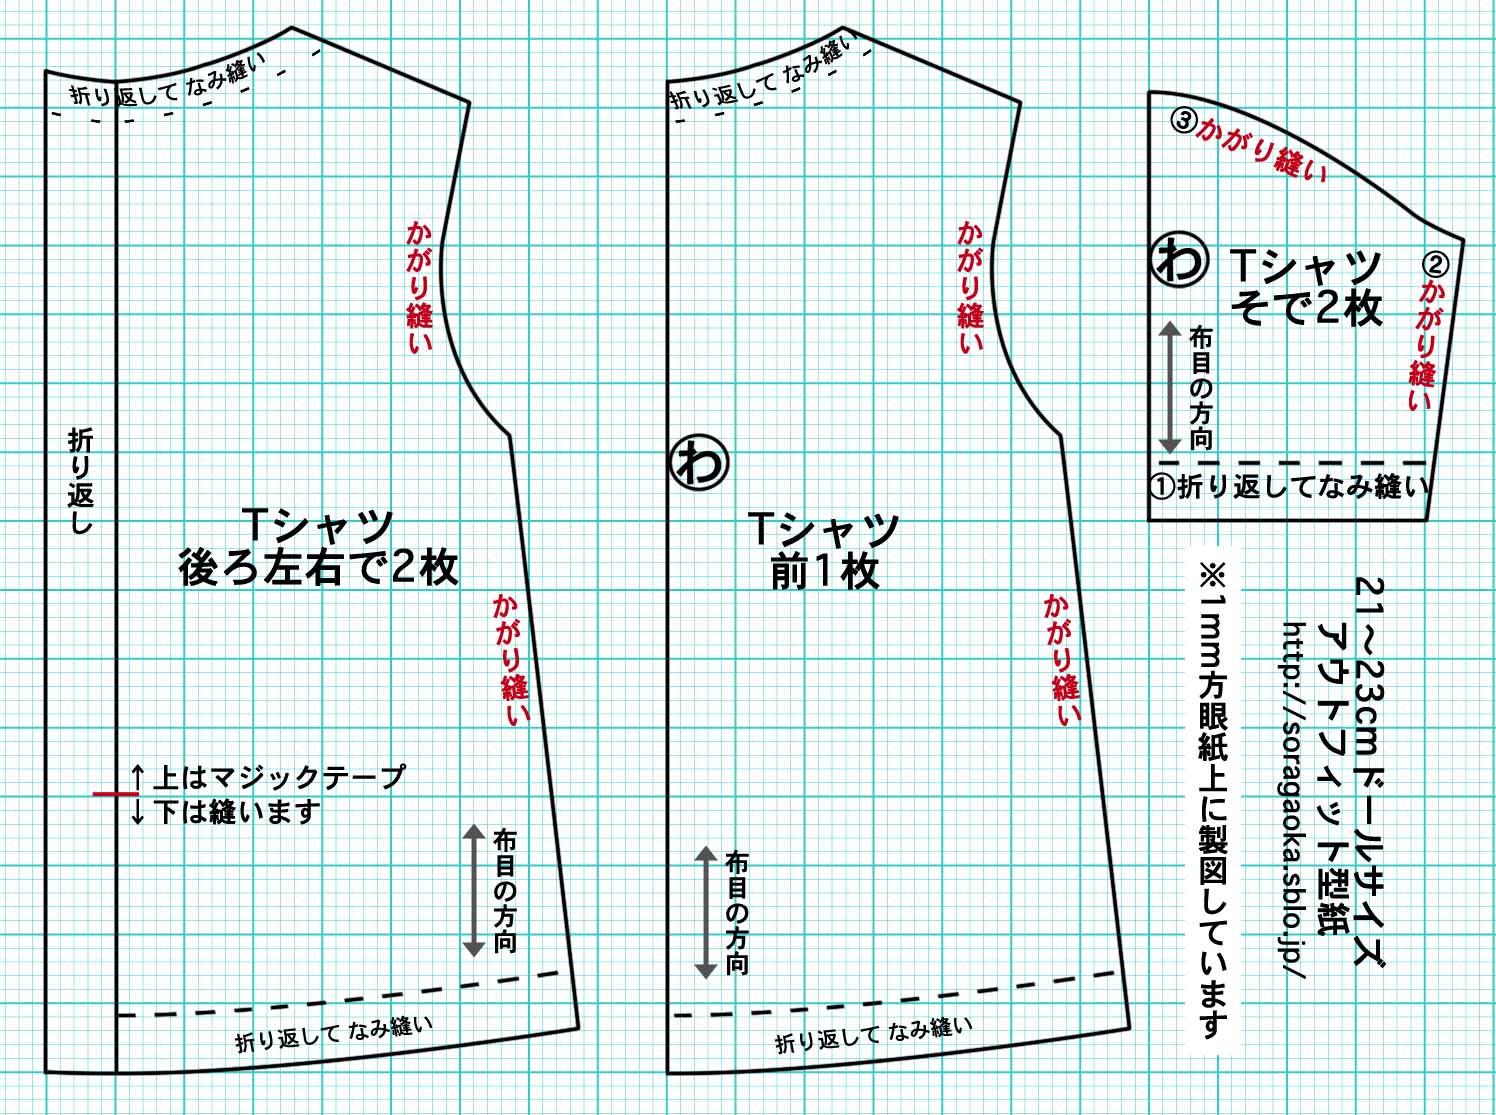 【無料で便利】愛犬用の服の型紙がダウンロードで …